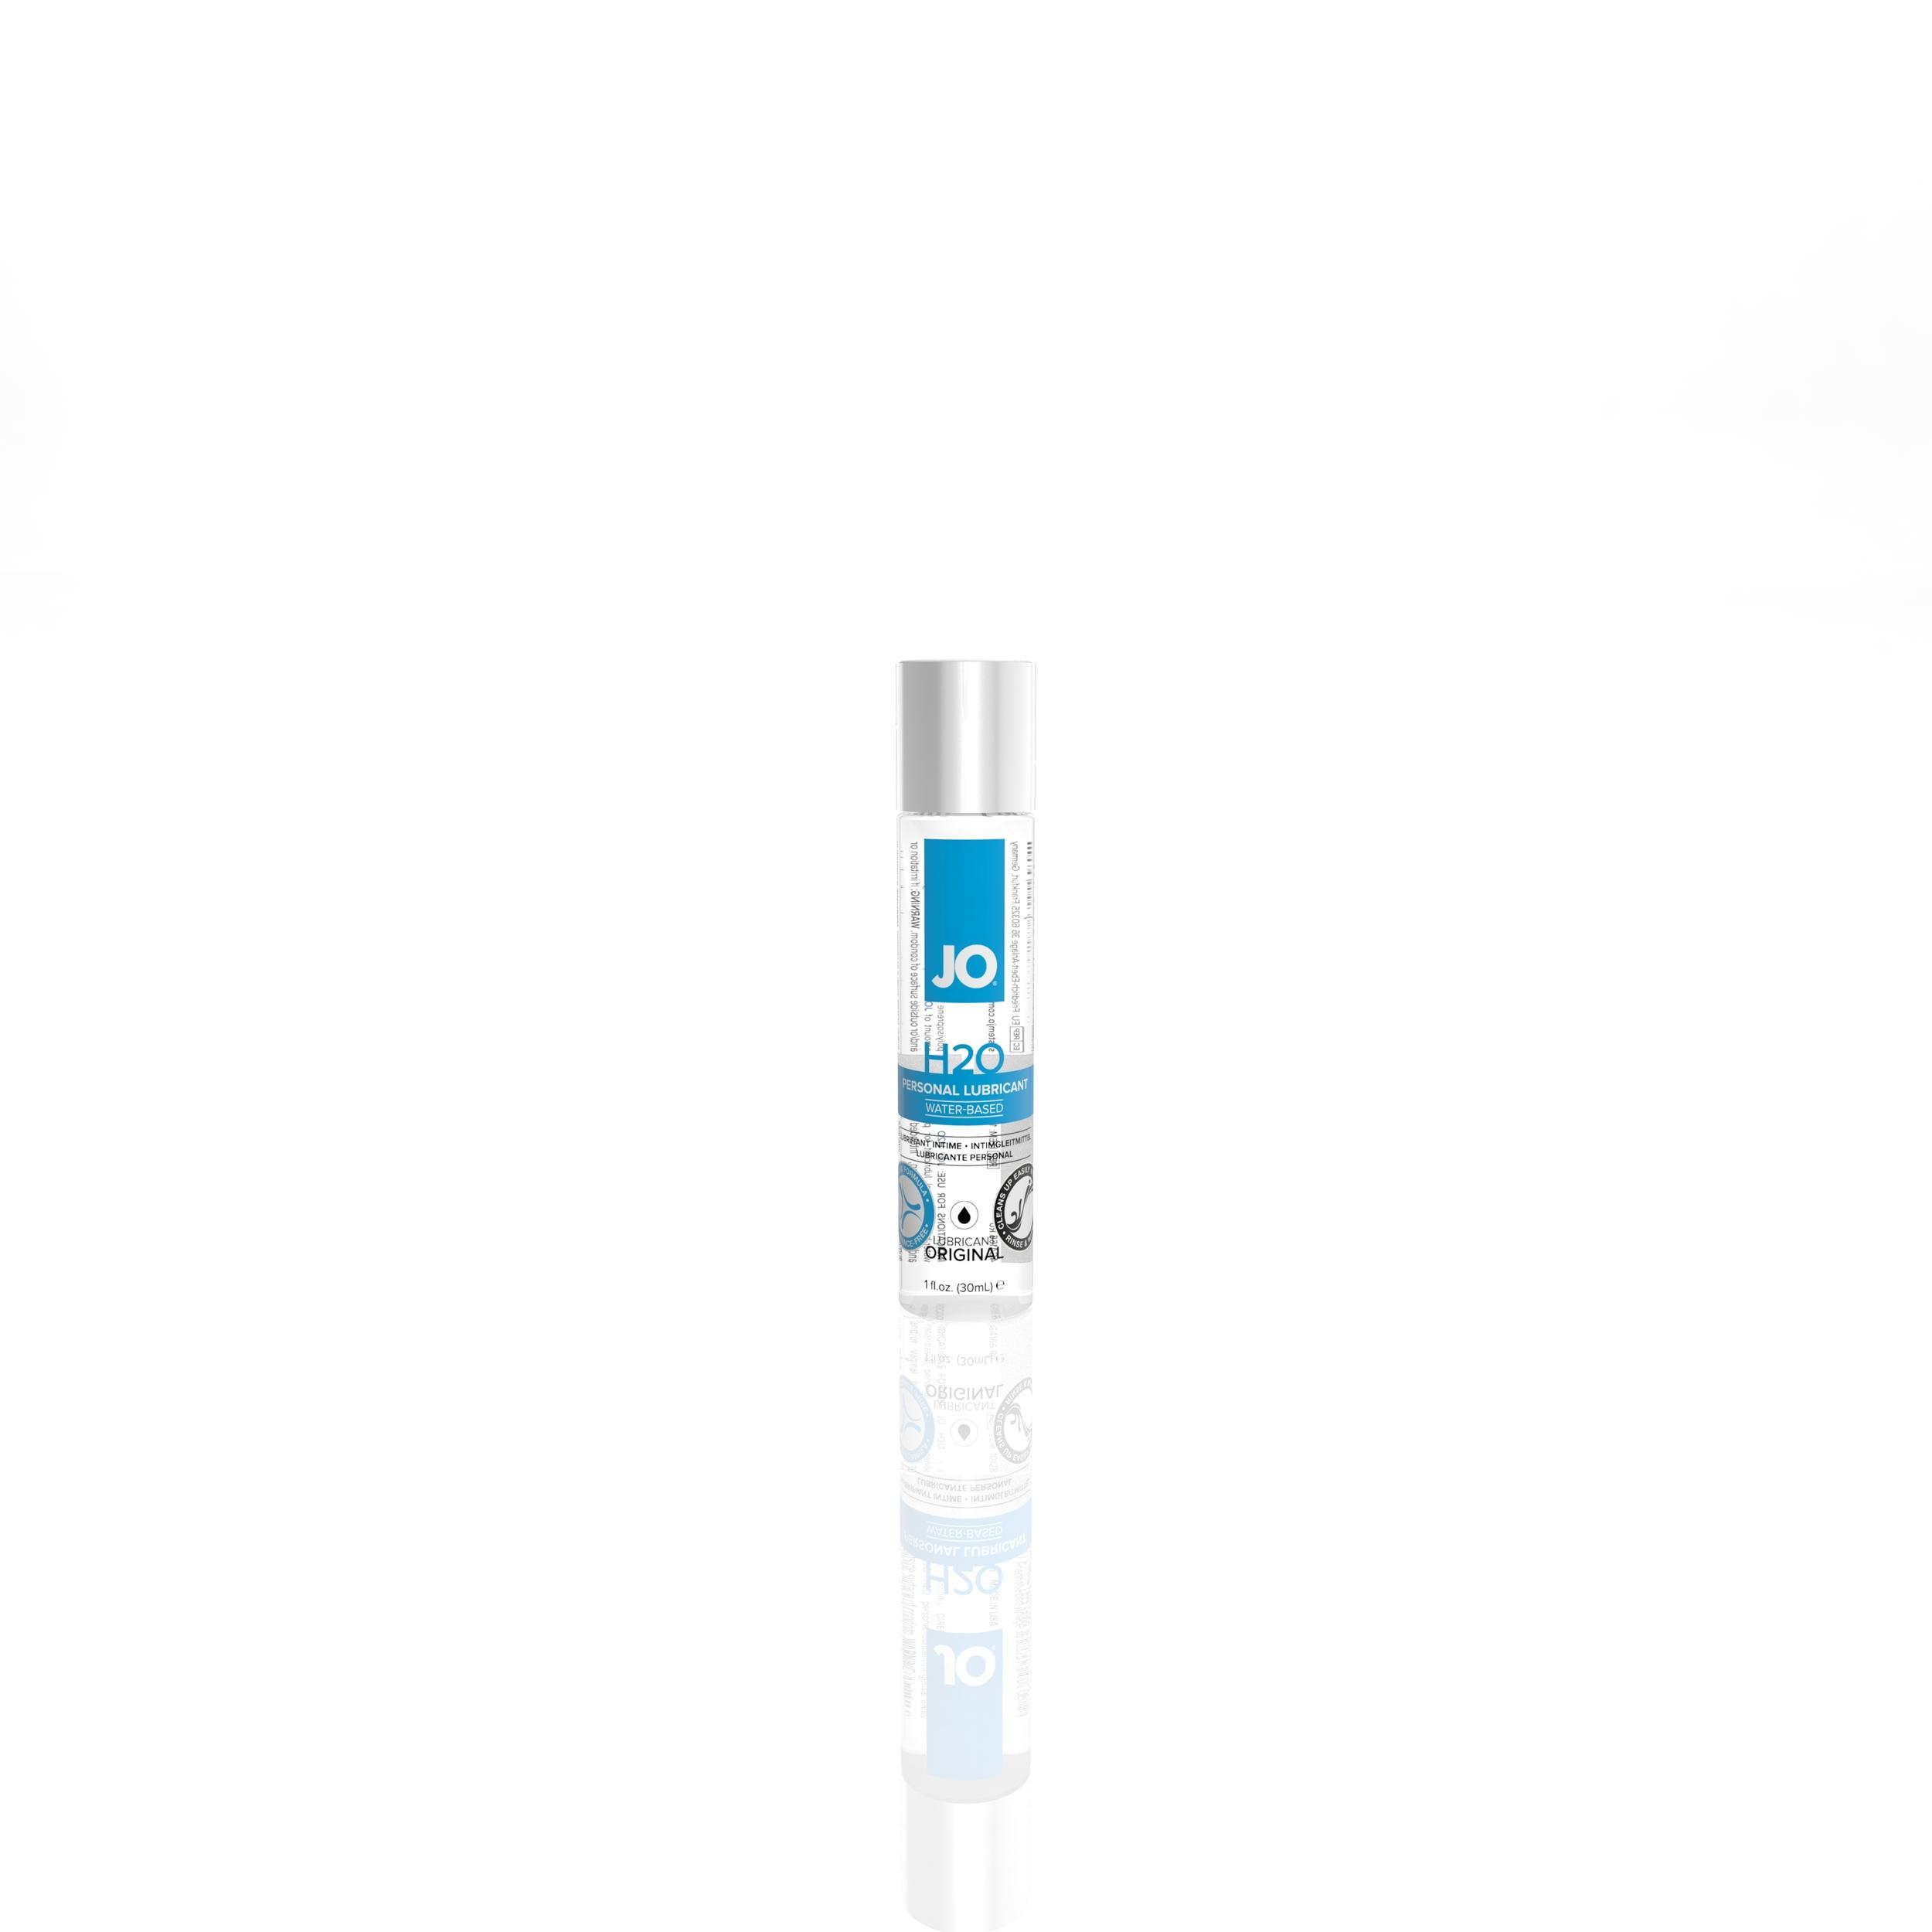 10128 - JO H2O LUBRICANT - ORIGINAL - 1fl.oz30mL.jpg